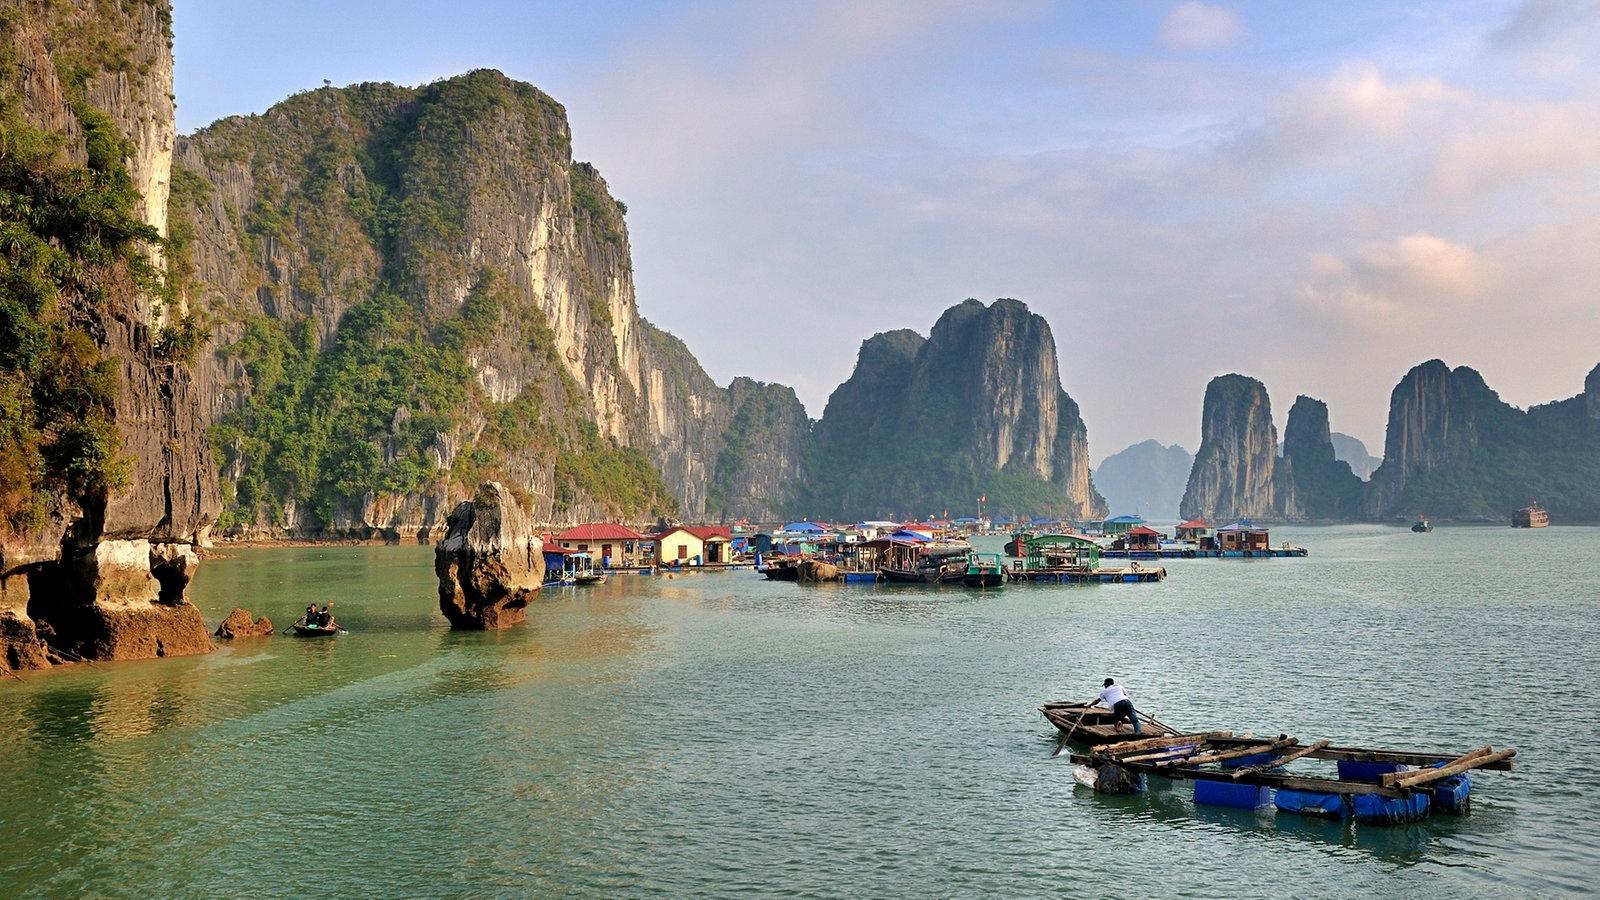 Home Landscapes Asien Vietnam Asien Kultur Planet Wissen